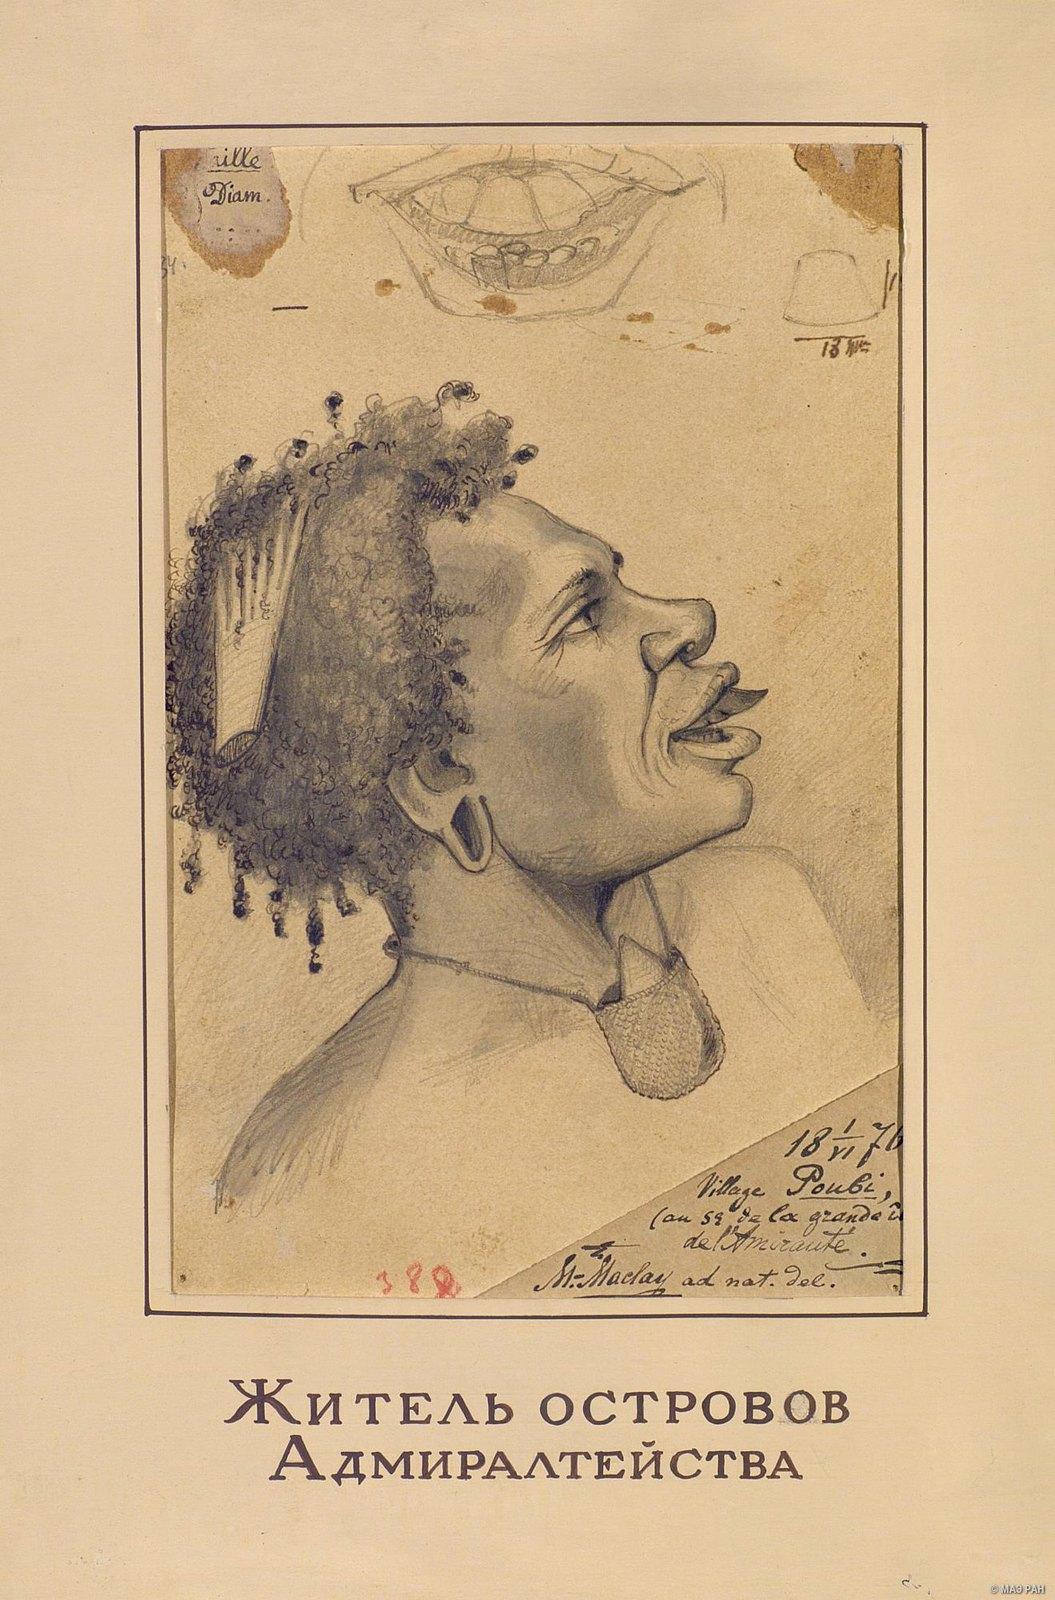 1876. Житель островов Адмиралтейства. 18 июня